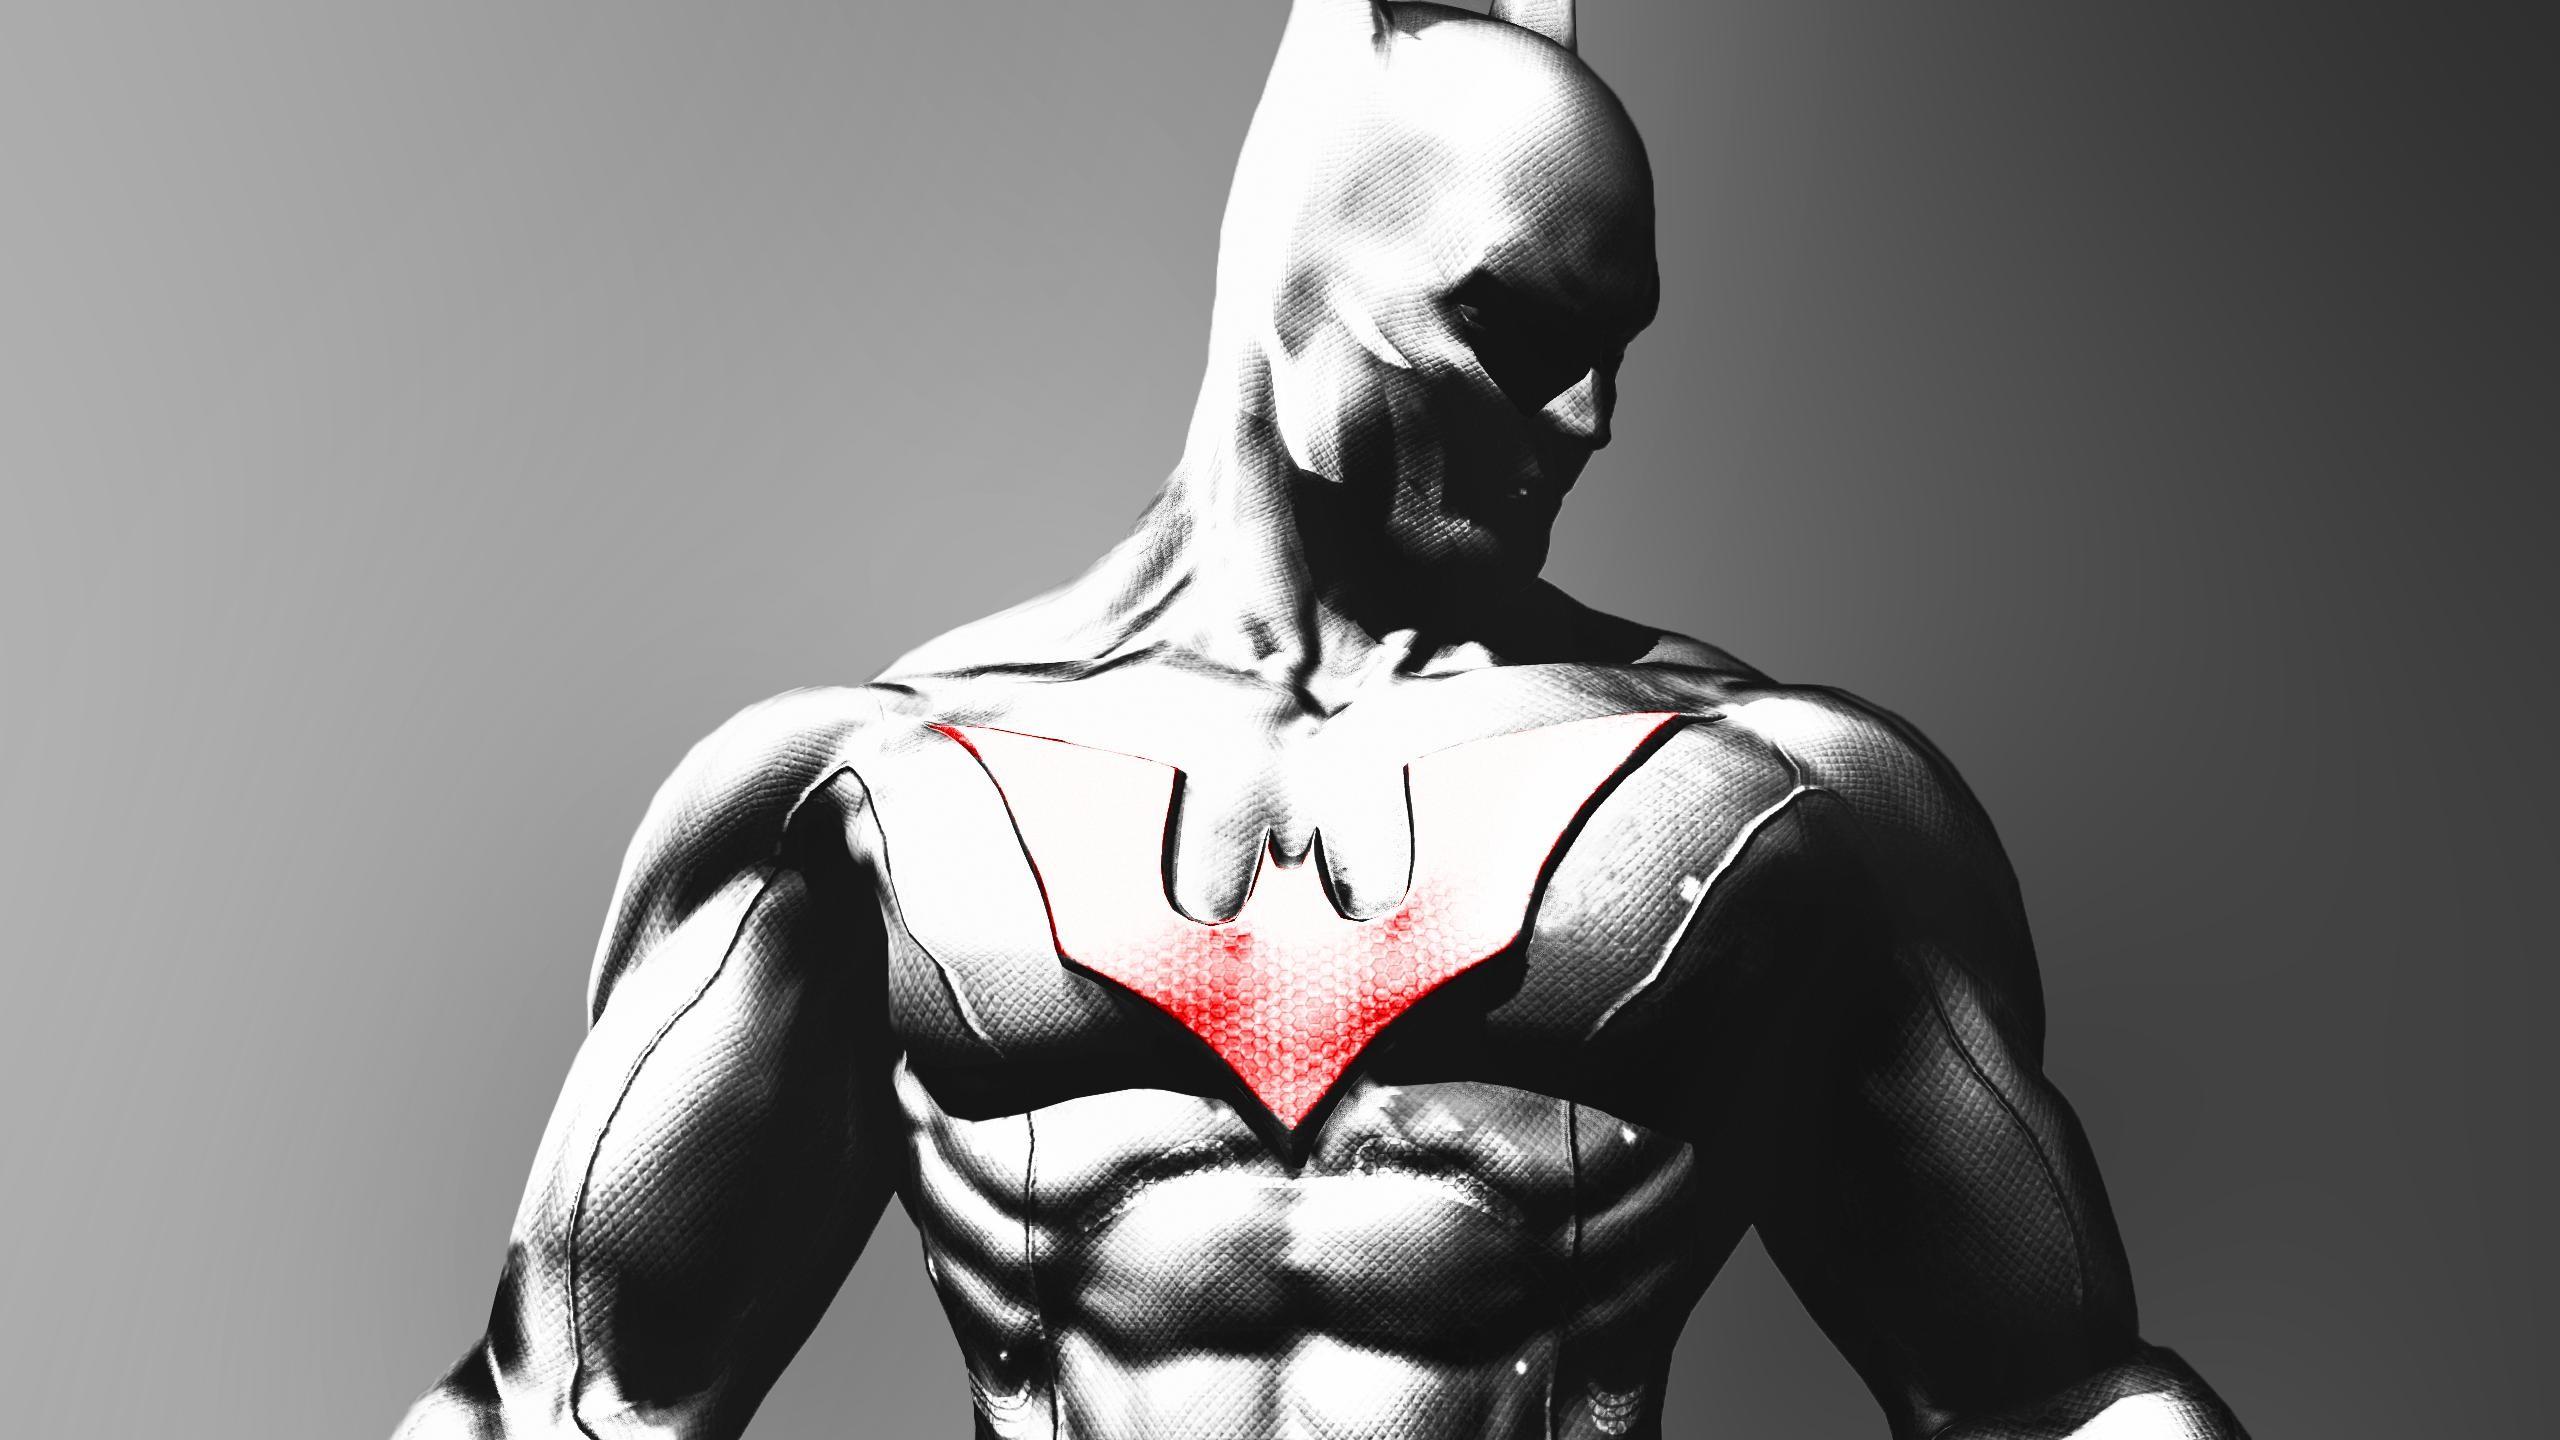 wallpaper monochrome batman arkham city superhero batman beyond